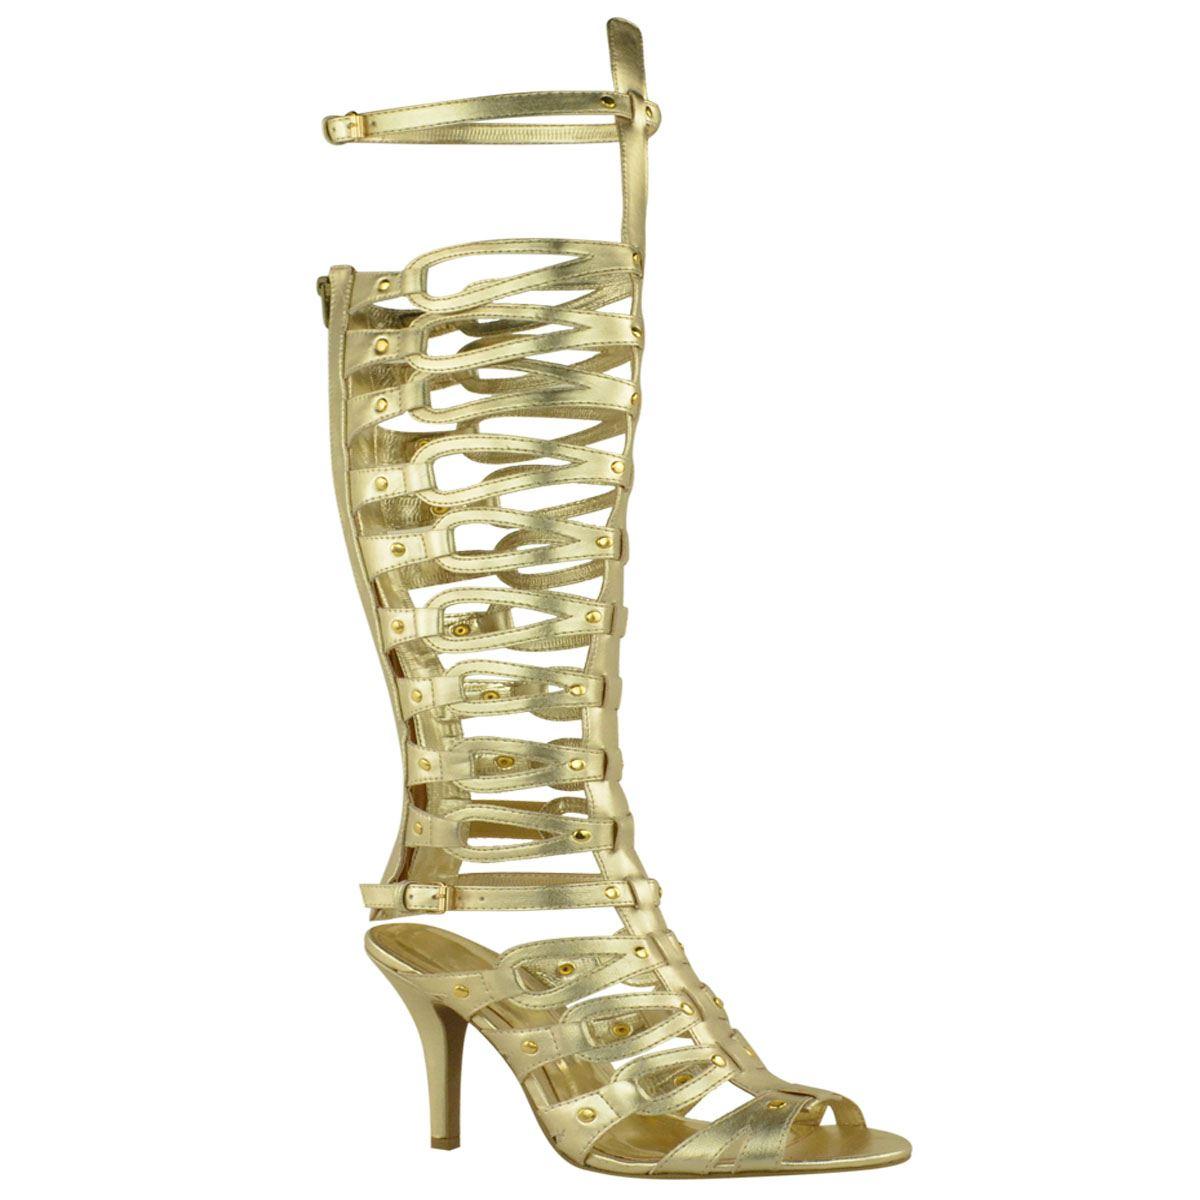 Vêtements, accessoires > Femmes: chaussures > Sandales, chaussures de